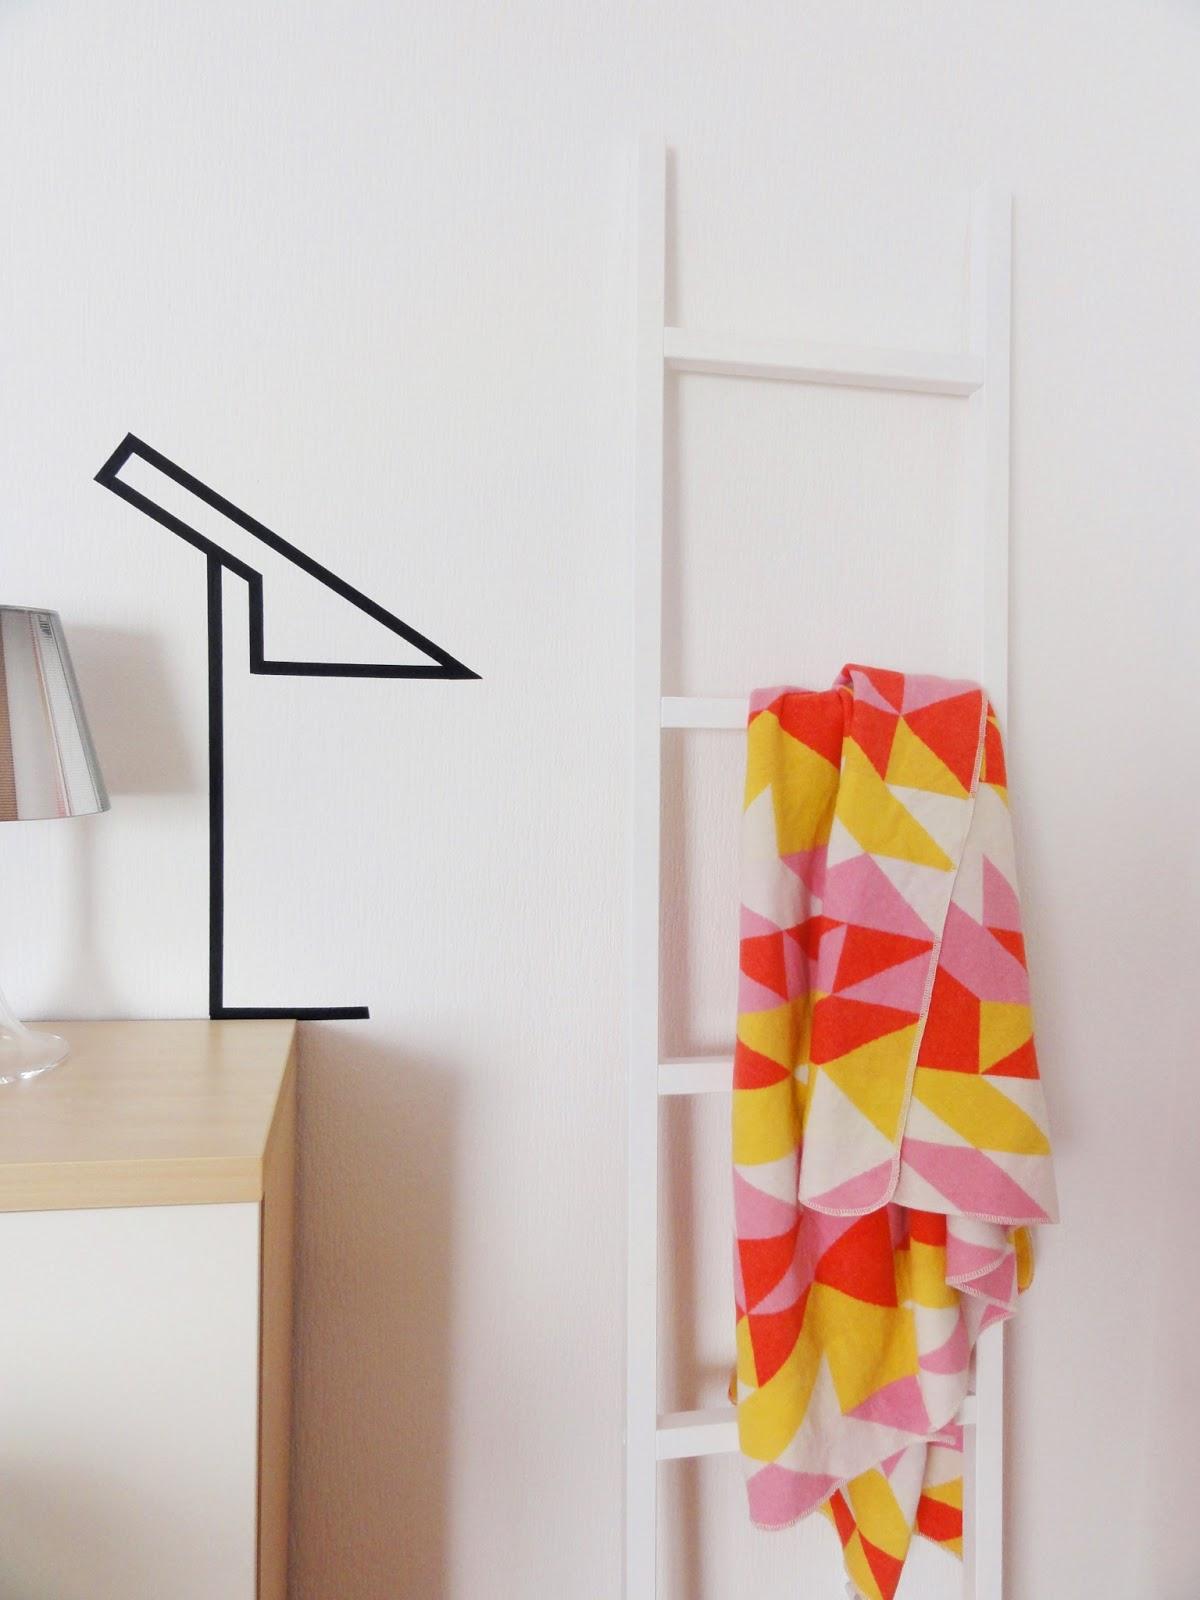 Lampe An Decke Kleben deckenlampe anbringen bildergebnis f r stromkabel an der decke